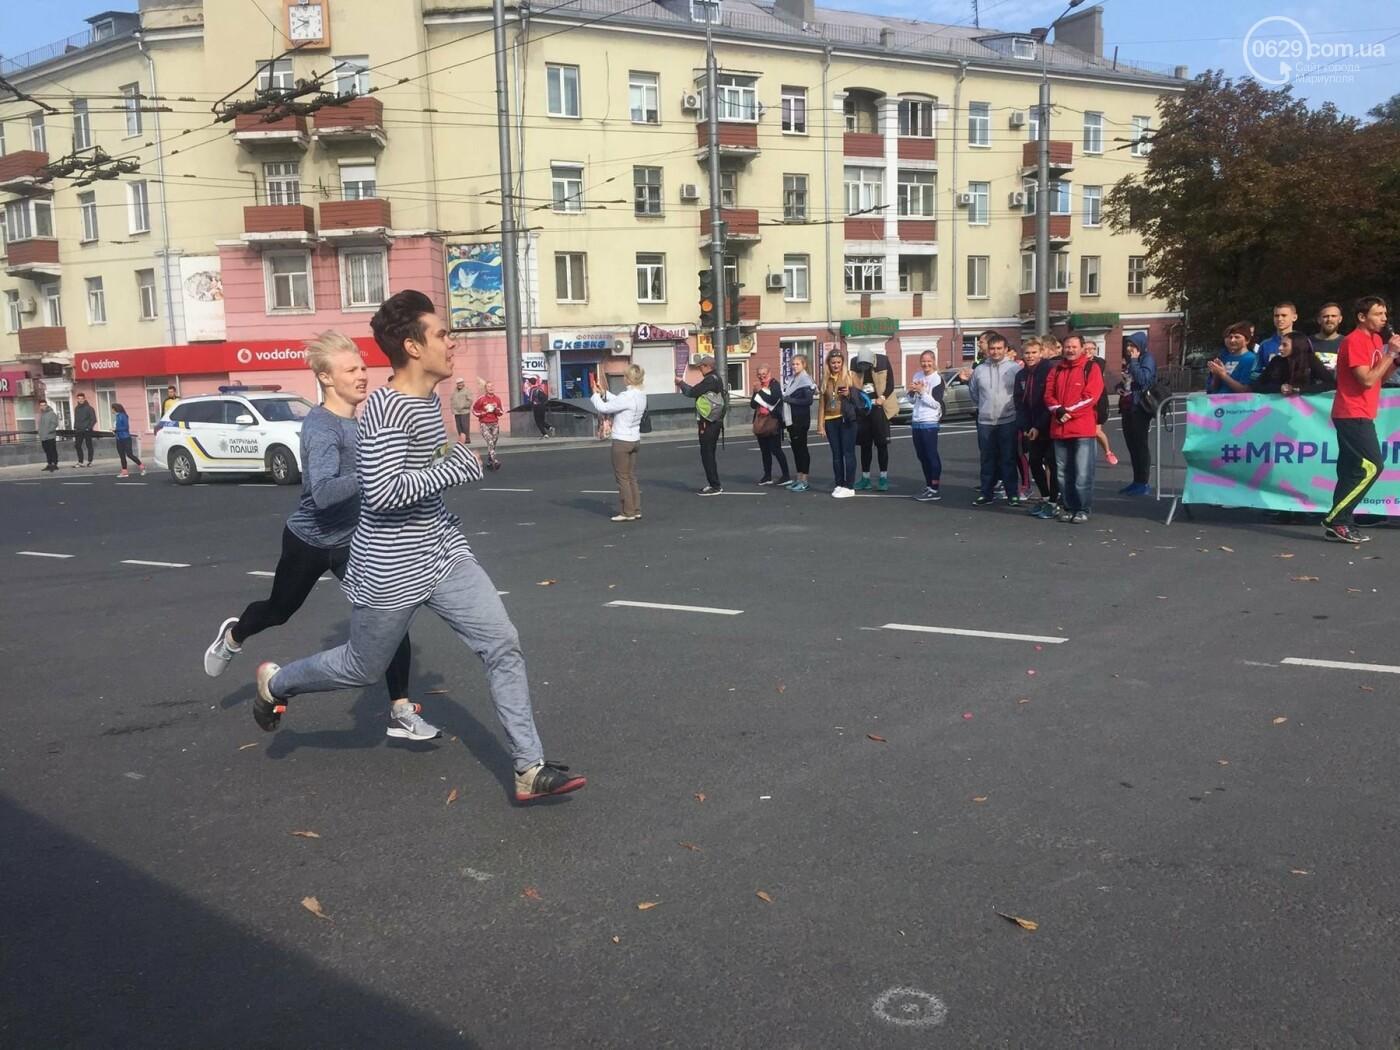 В честь  Дня города в Мариуполе провели забег,- Фотофакт, фото-8